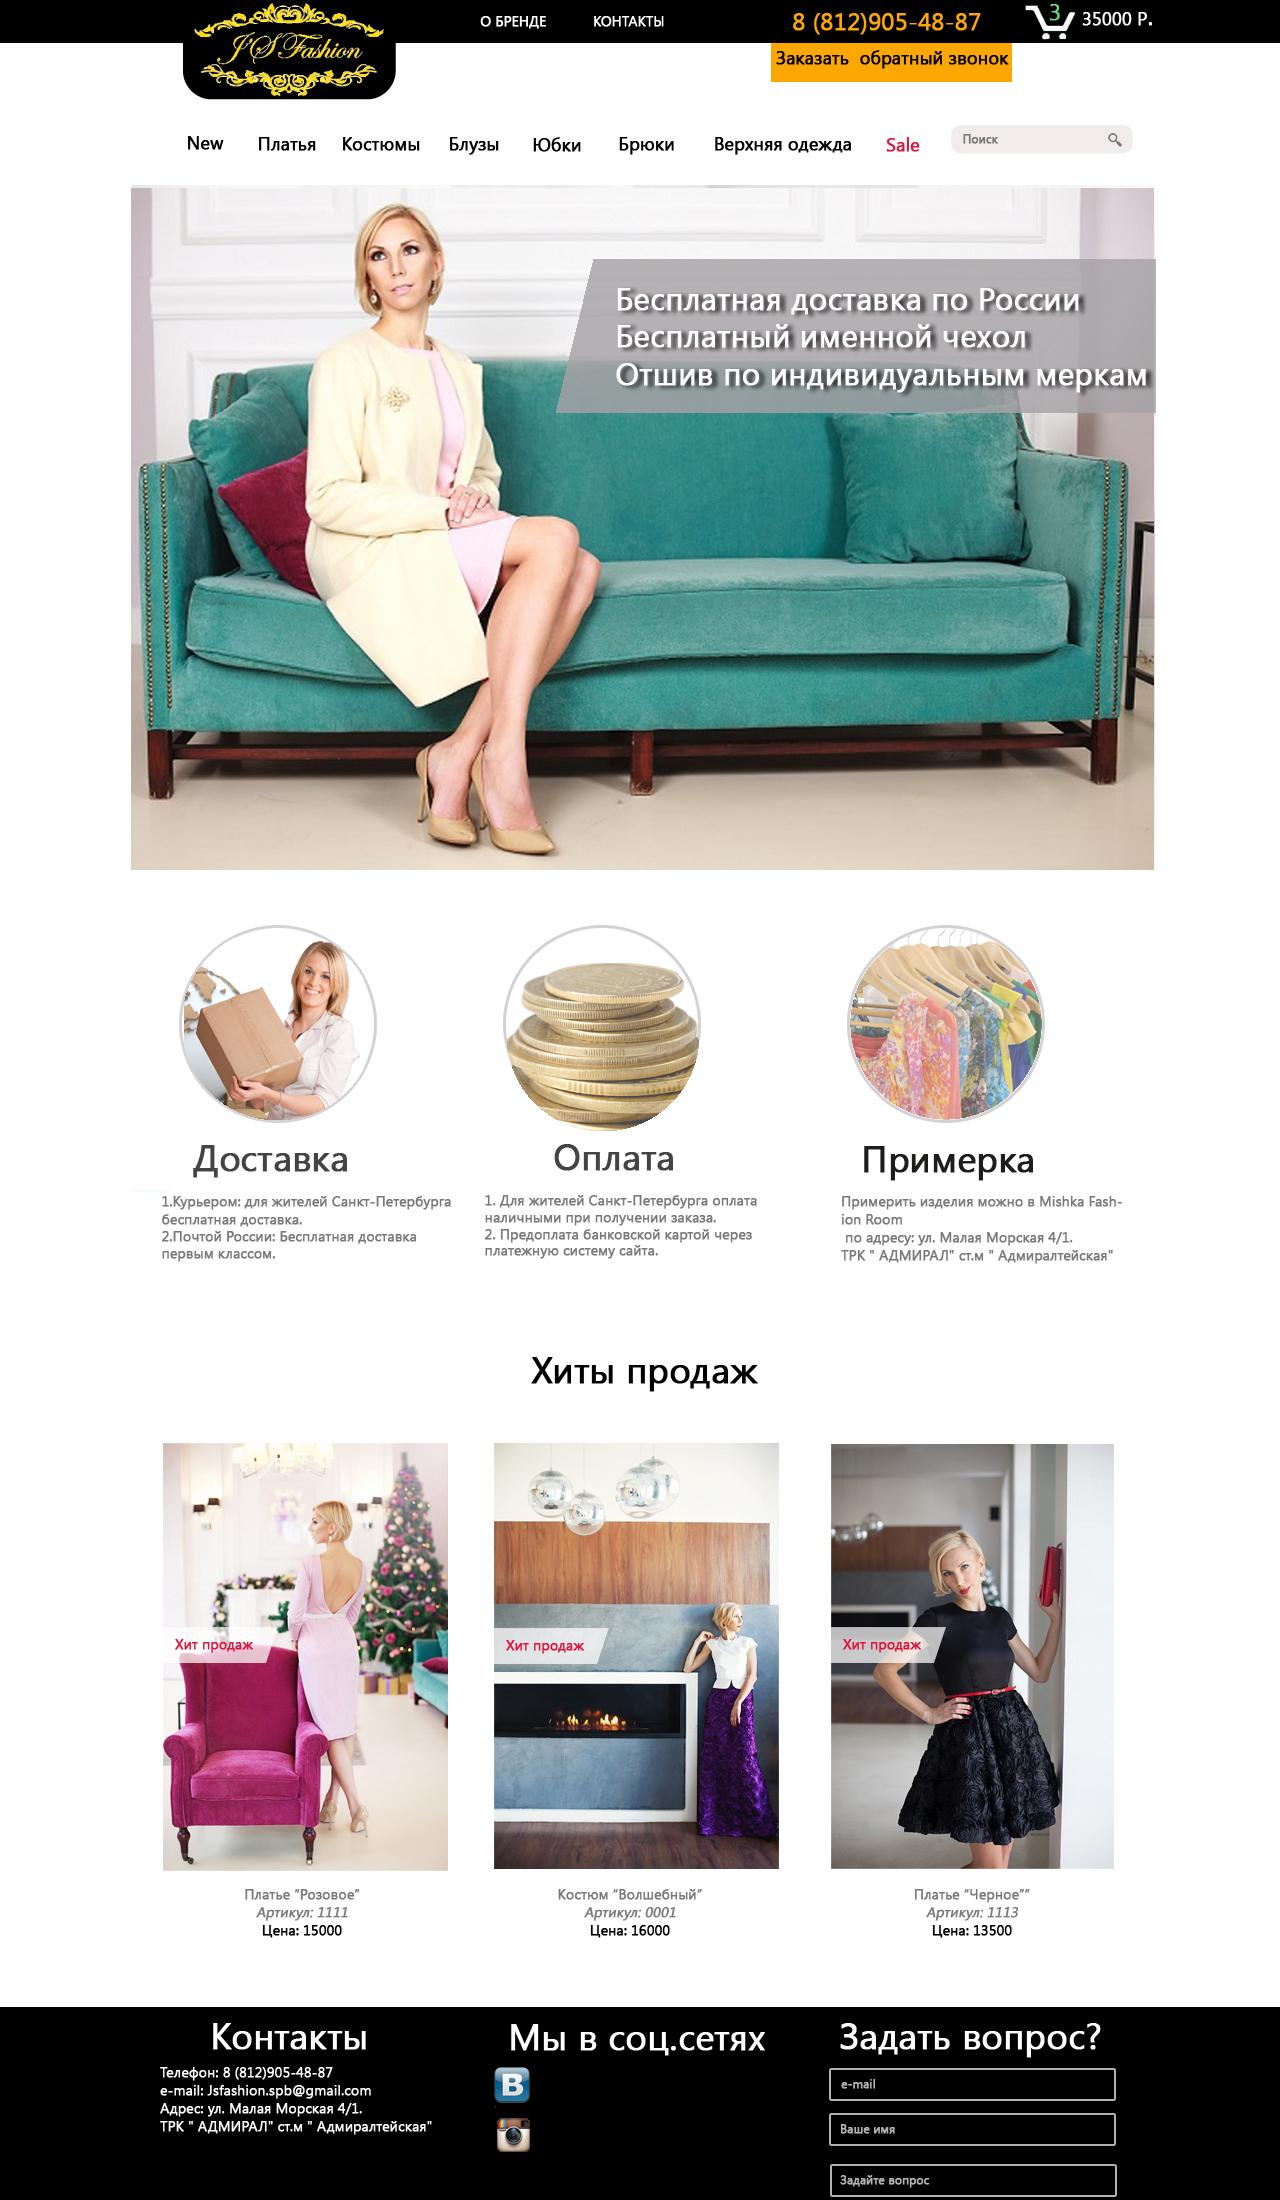 Интернет-магазин модной одежды от дизайнера